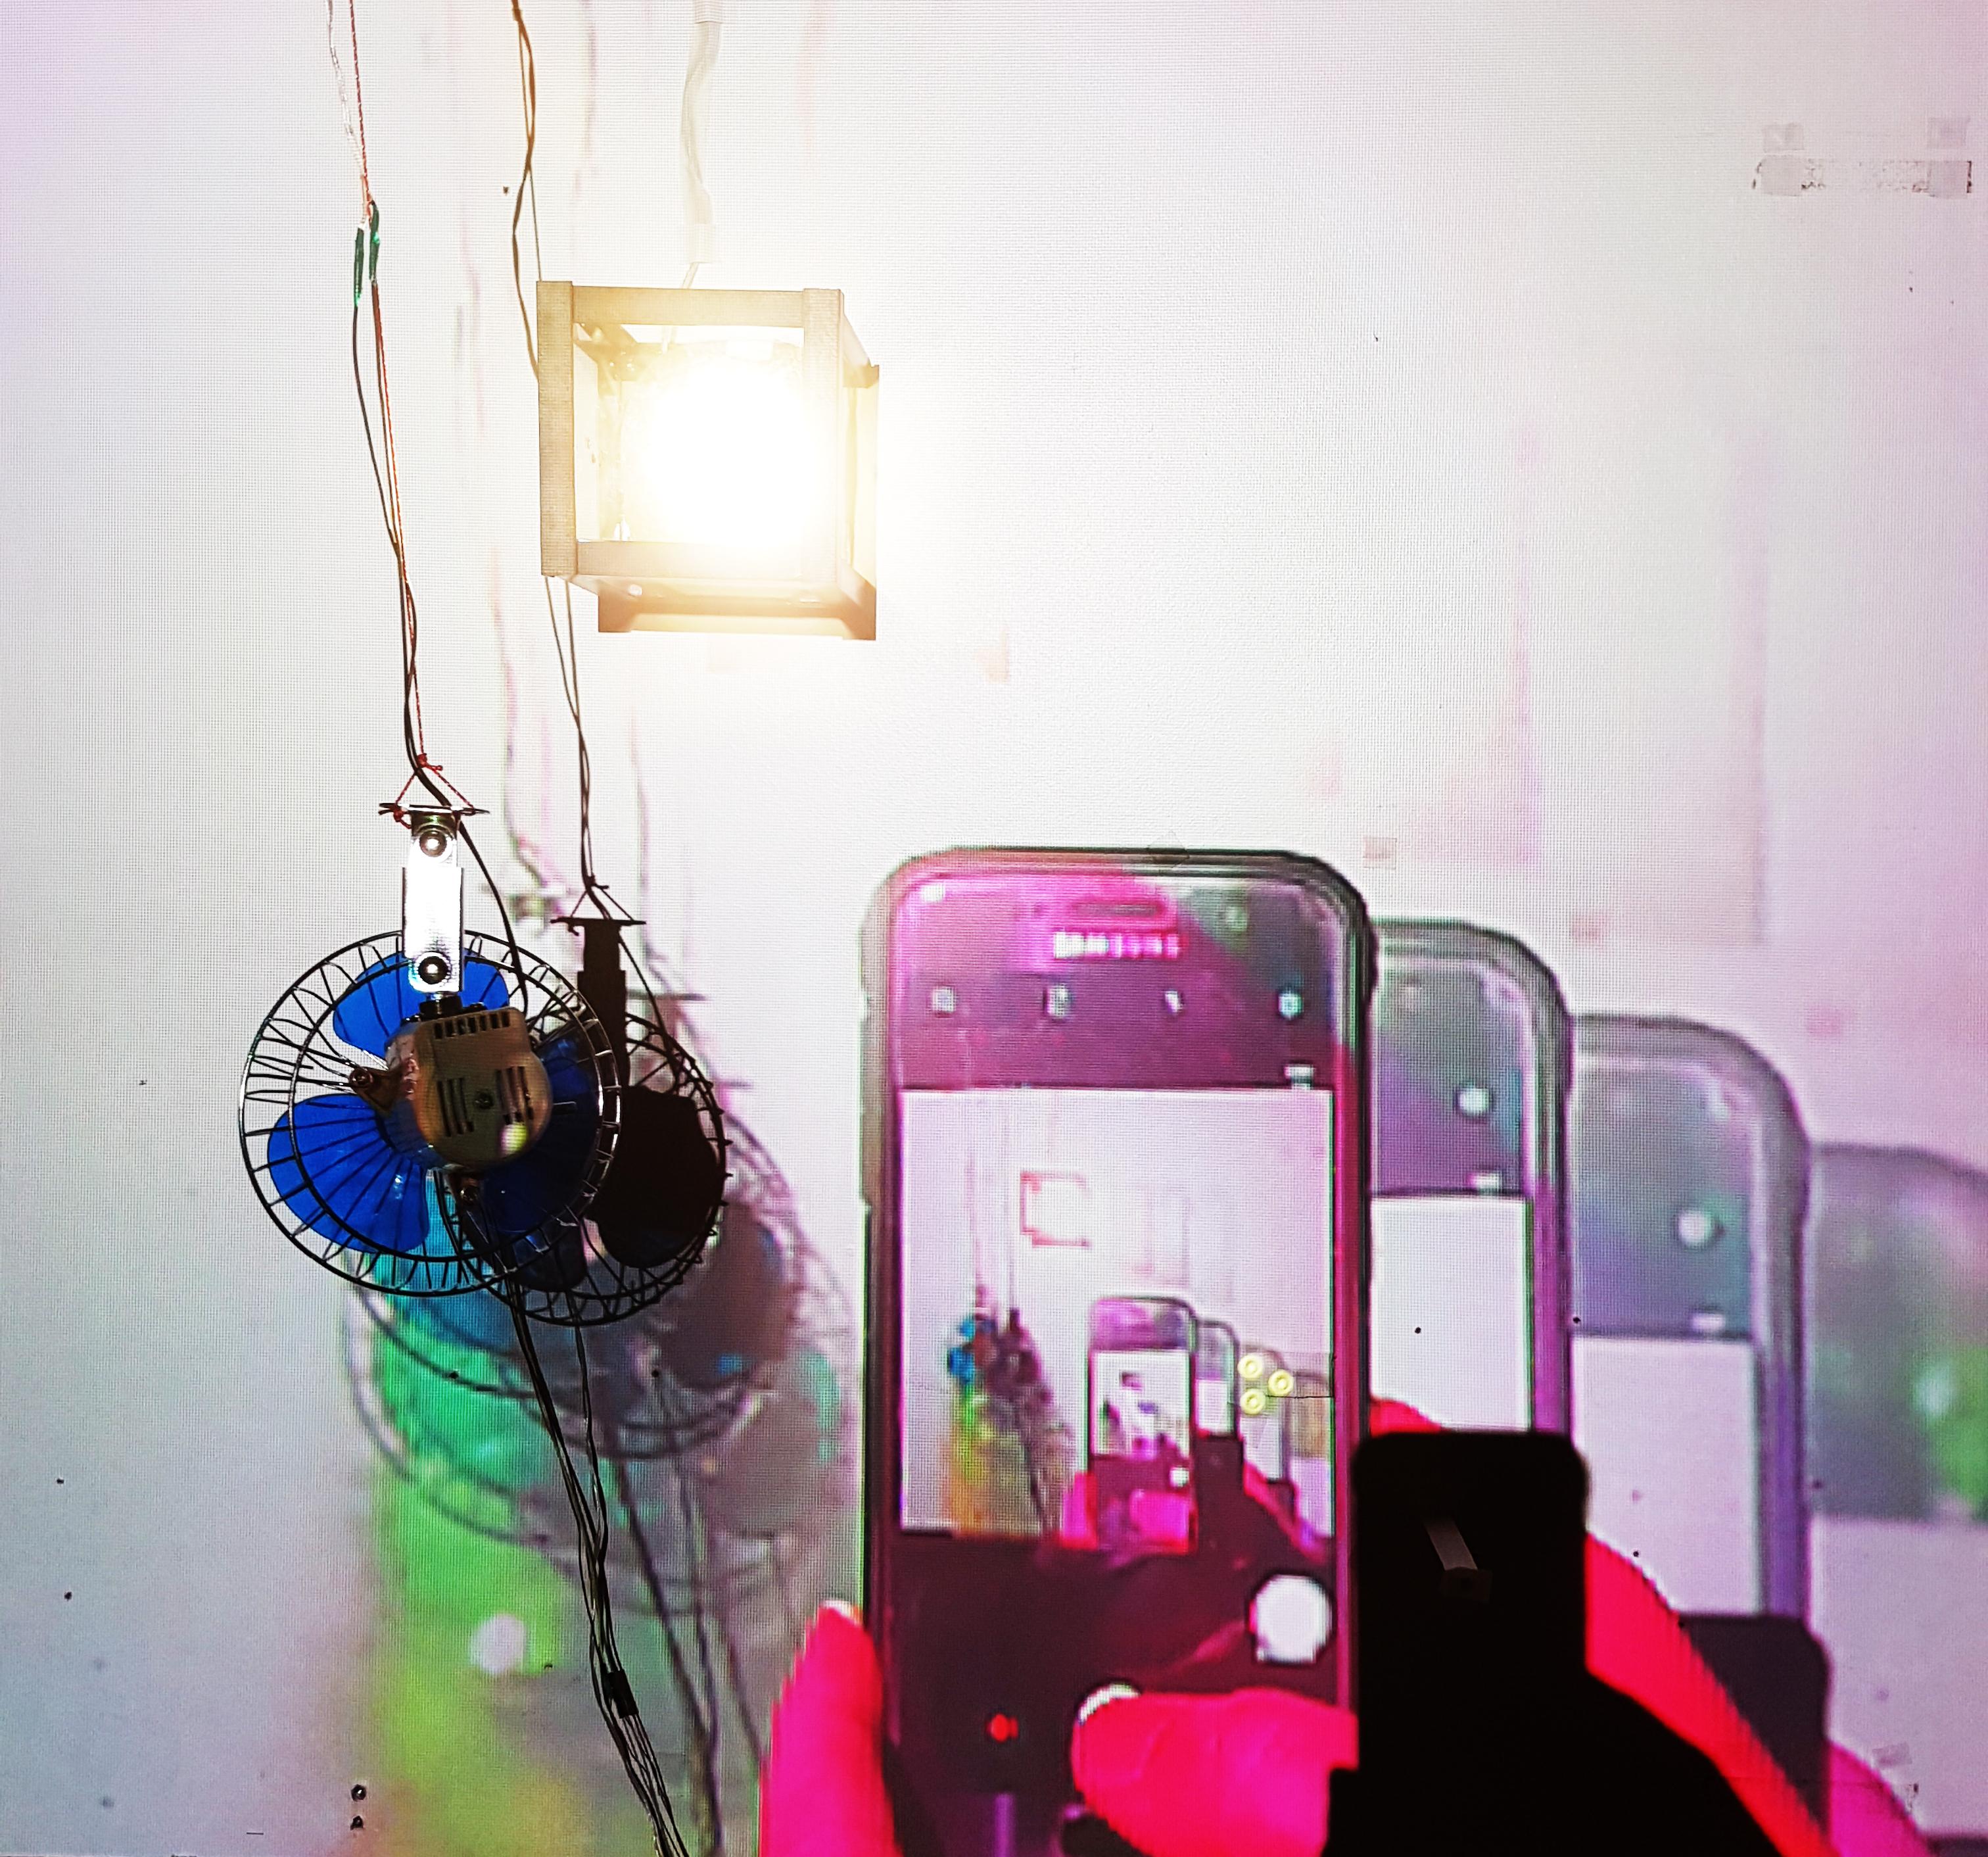 """Diminishing Returns (2019) Autonominen kineettinen videoinstallaatio liikkeestä ja kuvan muistosta. Monitaide / kineettinen installaatio / livevideo / XR. Diminishing Returns on analoginen seka-/monitaideteos/installaatio. Se ei asettaudu täysin minkään perinteisen videoteoksen tai installaation raameihin. Se on samalla analoginen/fyysisessä maailmassa oleva installaatio kuin """"kuvan maailmassa"""" oleva videoteos ja muunneltua todellisuutta.  Diminishing Returns ei myöskään ole nauhoite, vaan video/kuva tapahtuu ja luodaan """"tässä ja nyt"""", tilassa ja hetkessä jolloin katsoja teosta havainnoi. Ympäristö, tila, vallitseva valo, kaikki vaikuttavat teokseen. Katsoja itse voi halutessaan asettua teoksen seinän eteen ja päätyä hetkellisesti osaksi teosta, kunnes kuvan muisto pyyhkiytyy pois seinältä.  Diminishing Returns on alati muuttuva ja ei koskaan toistu samalla lailla kahta kertaa. Se elää omaa elämää tilassa, ajassa, varioiden, värähdellen ja muuttuen."""